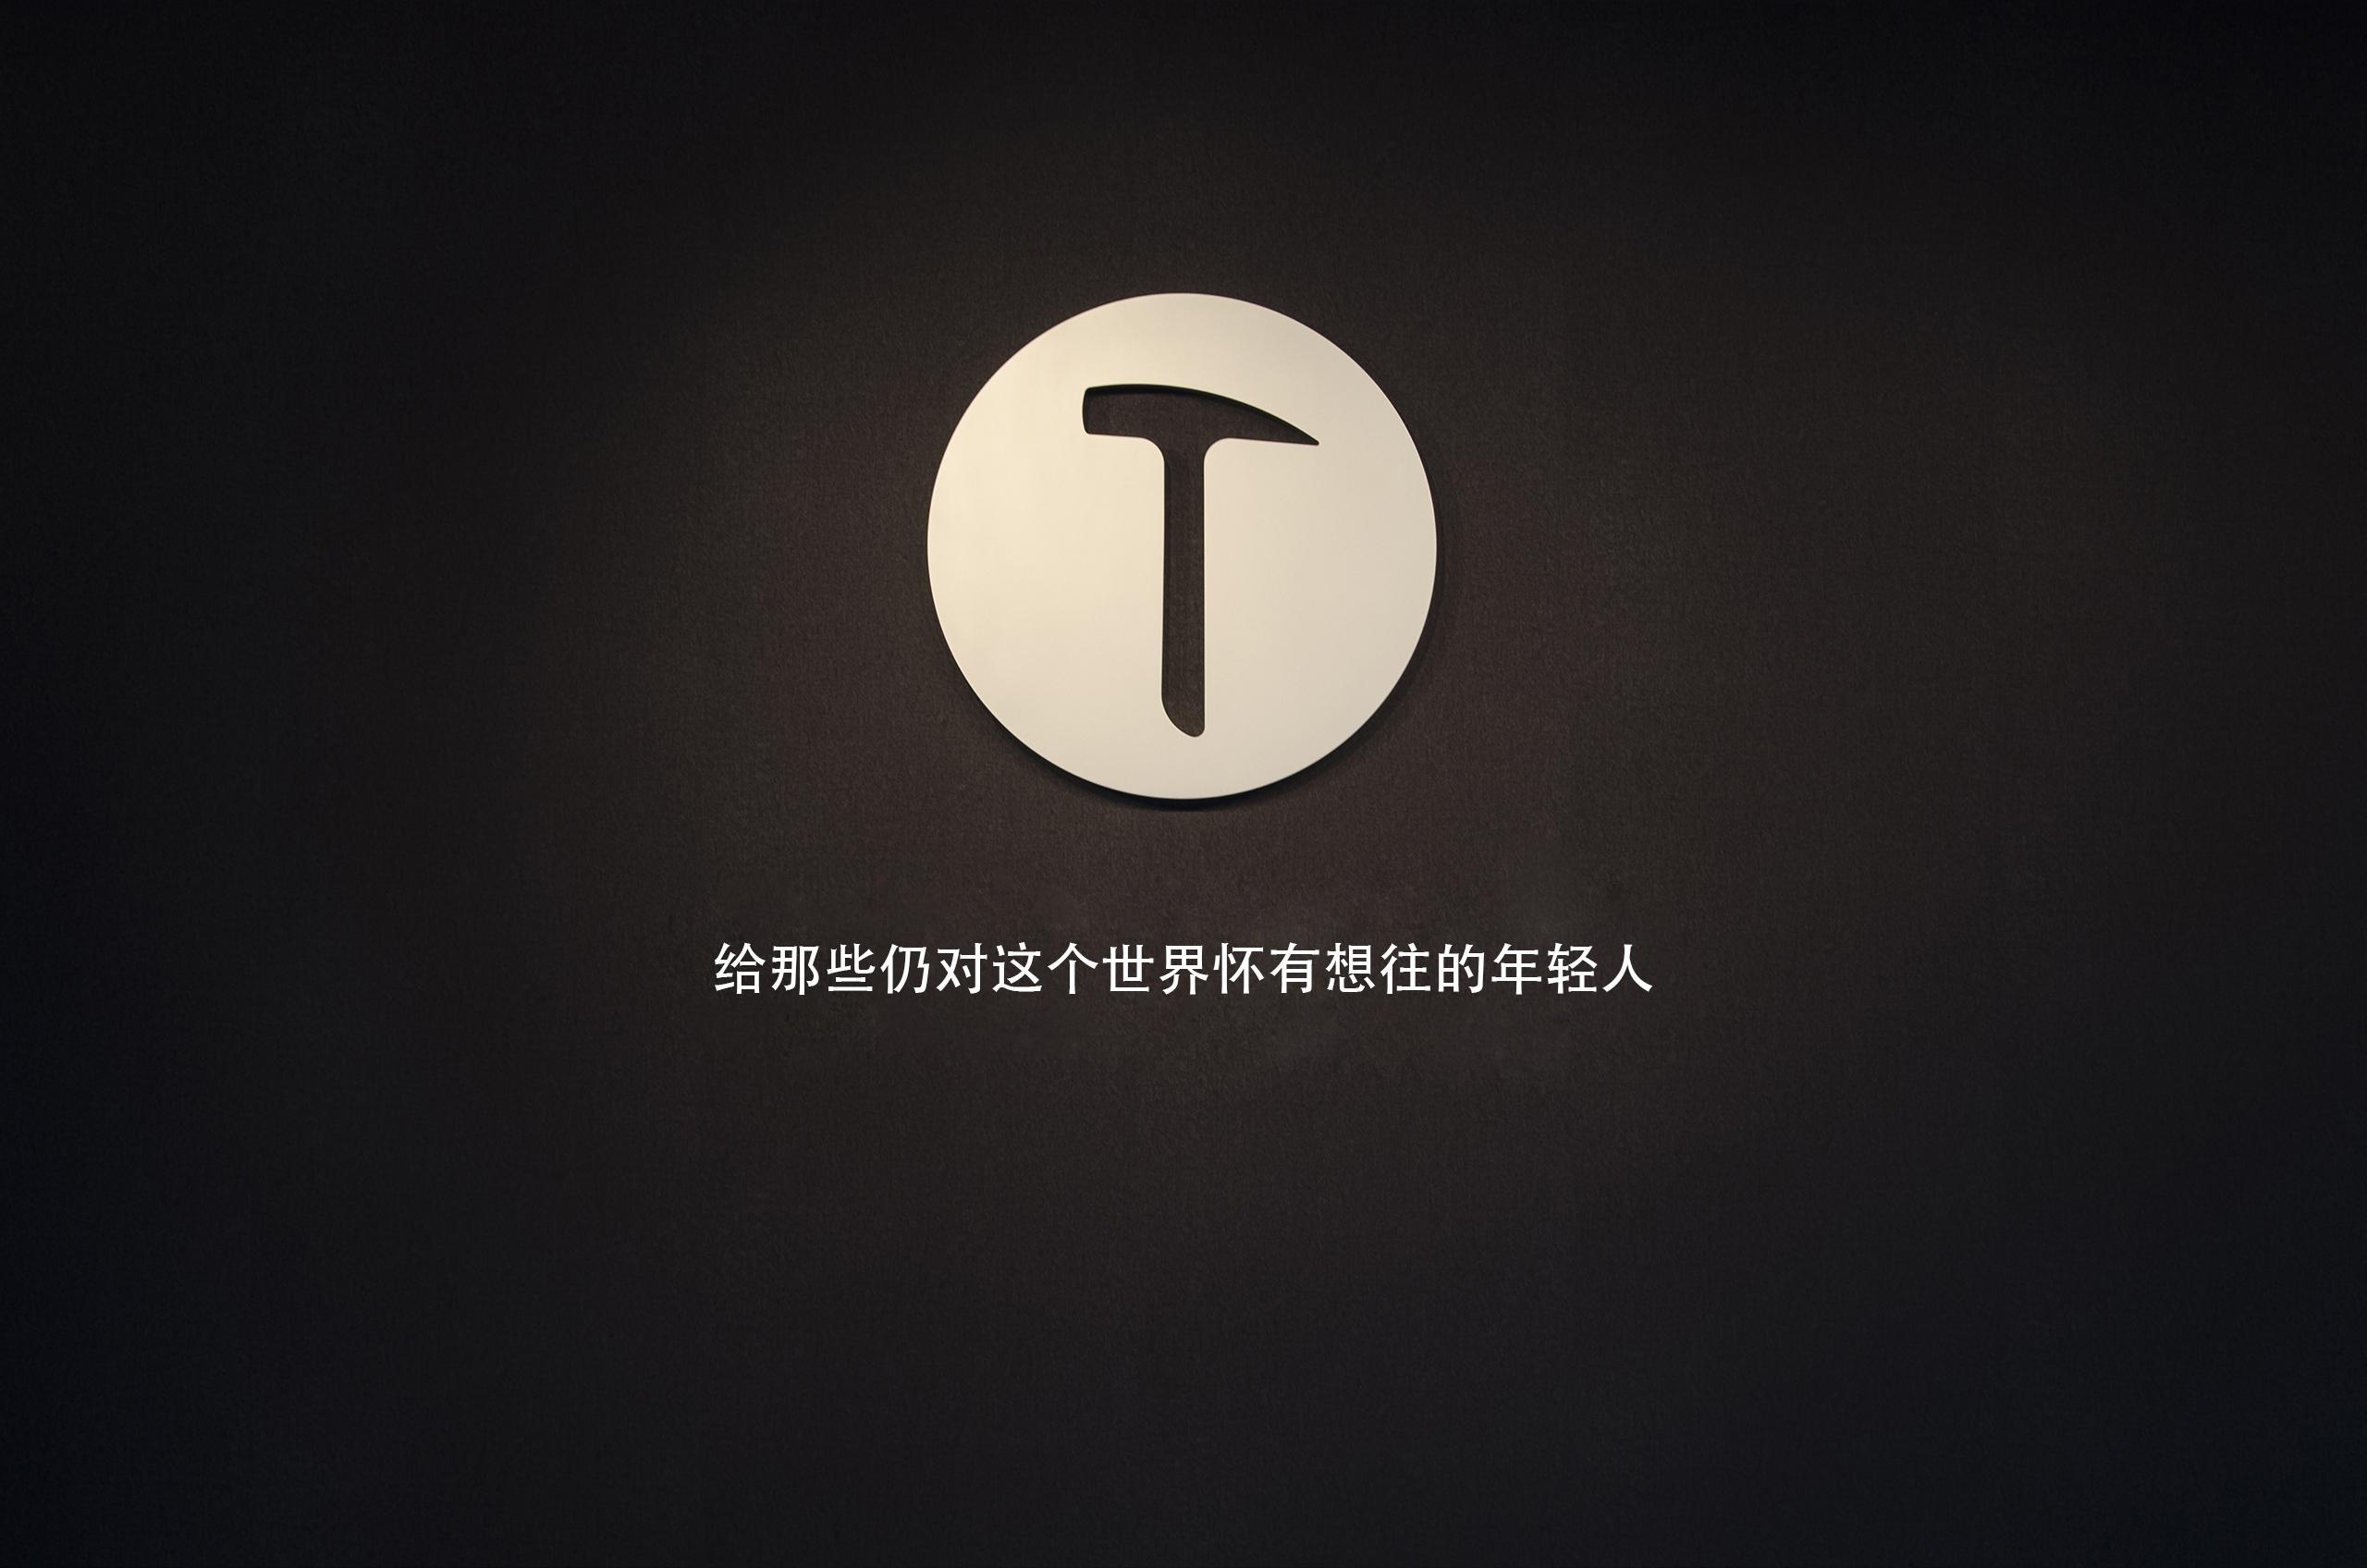 锤子科技logo矢量图